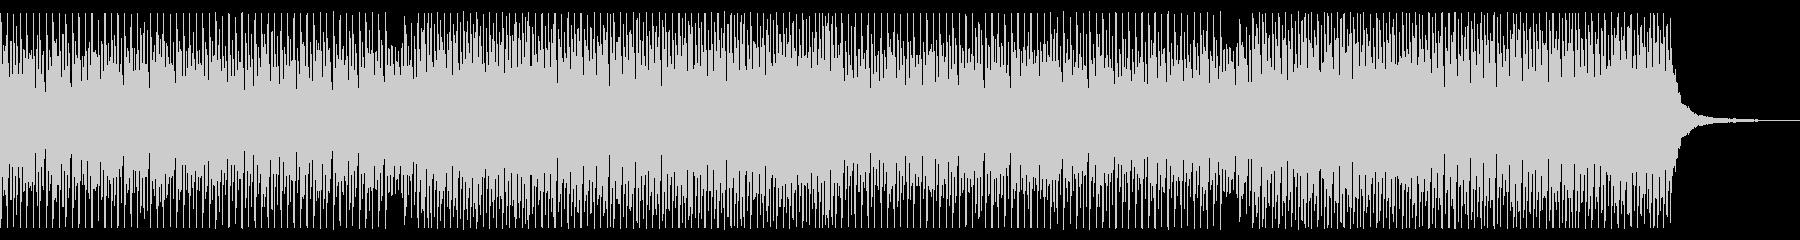 シンバル無し 青空 ポジティブ ピアノの未再生の波形